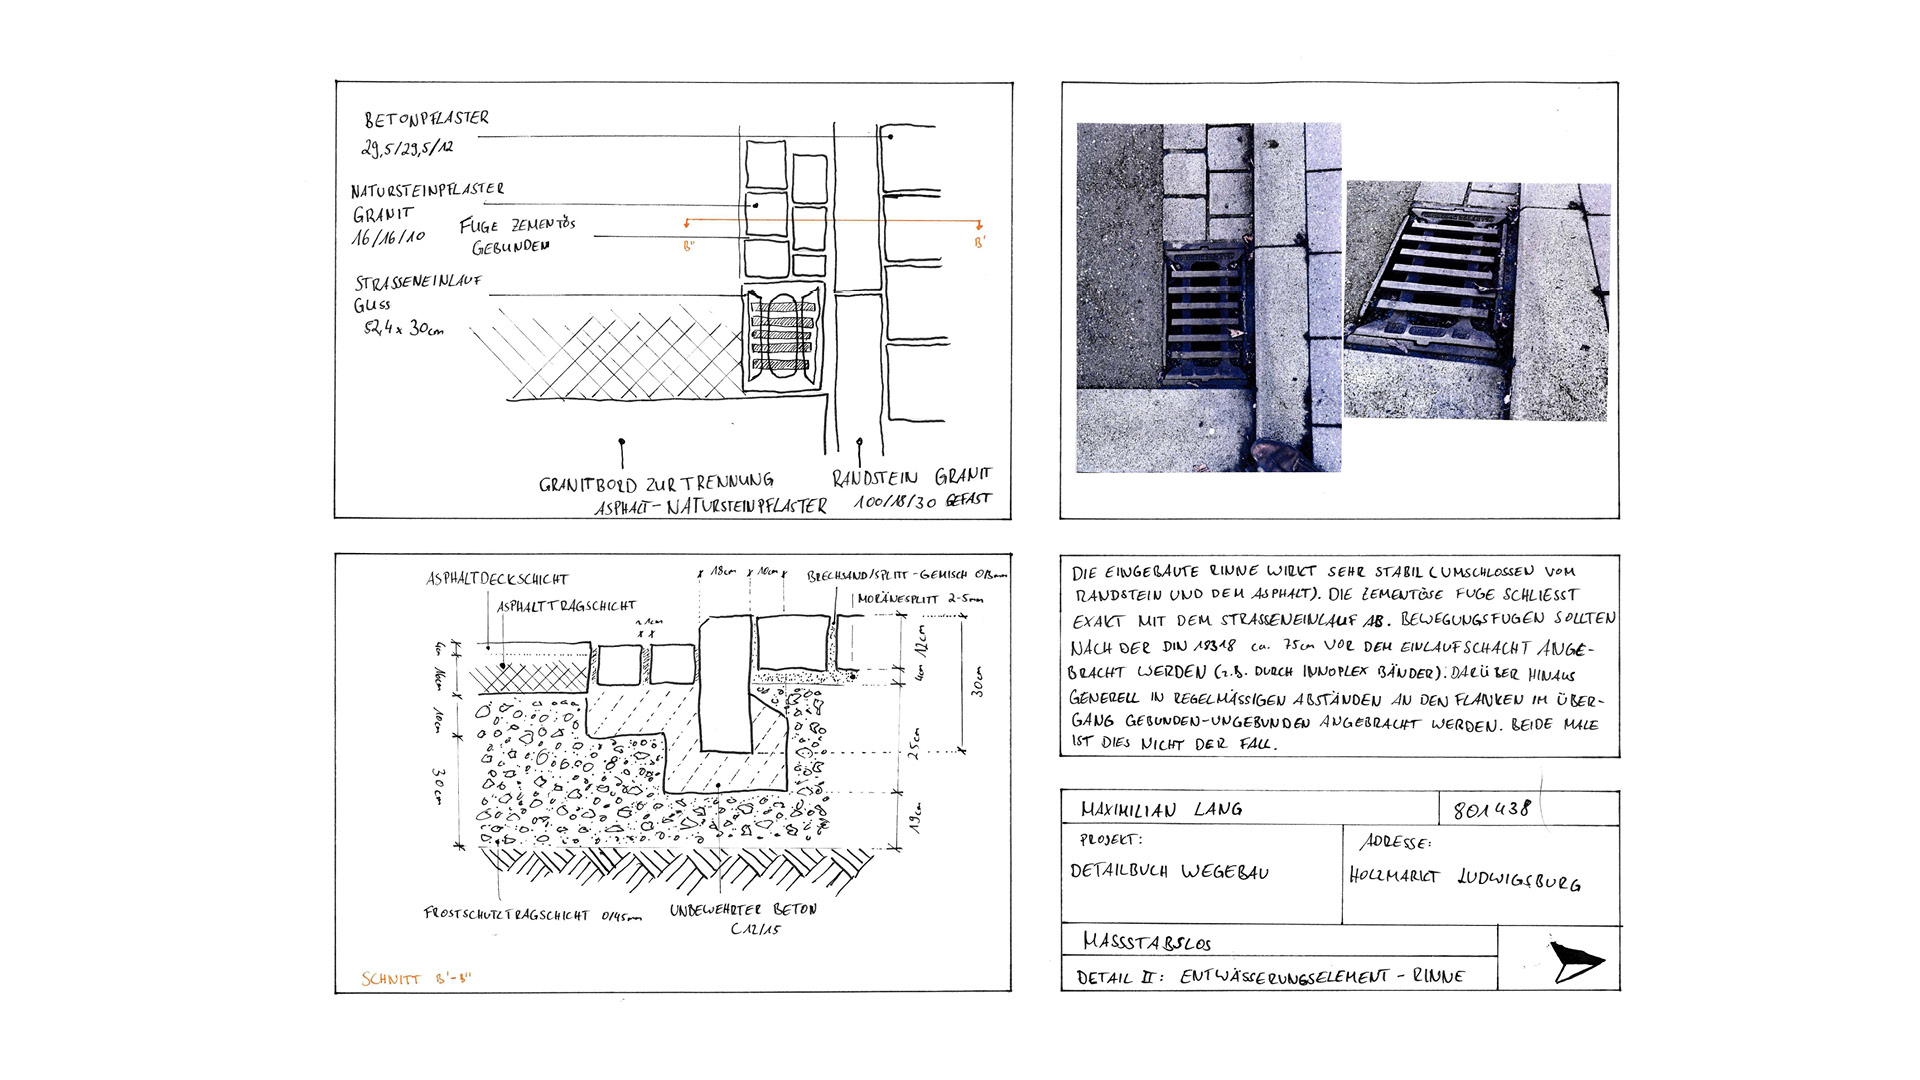 Detailbuch12